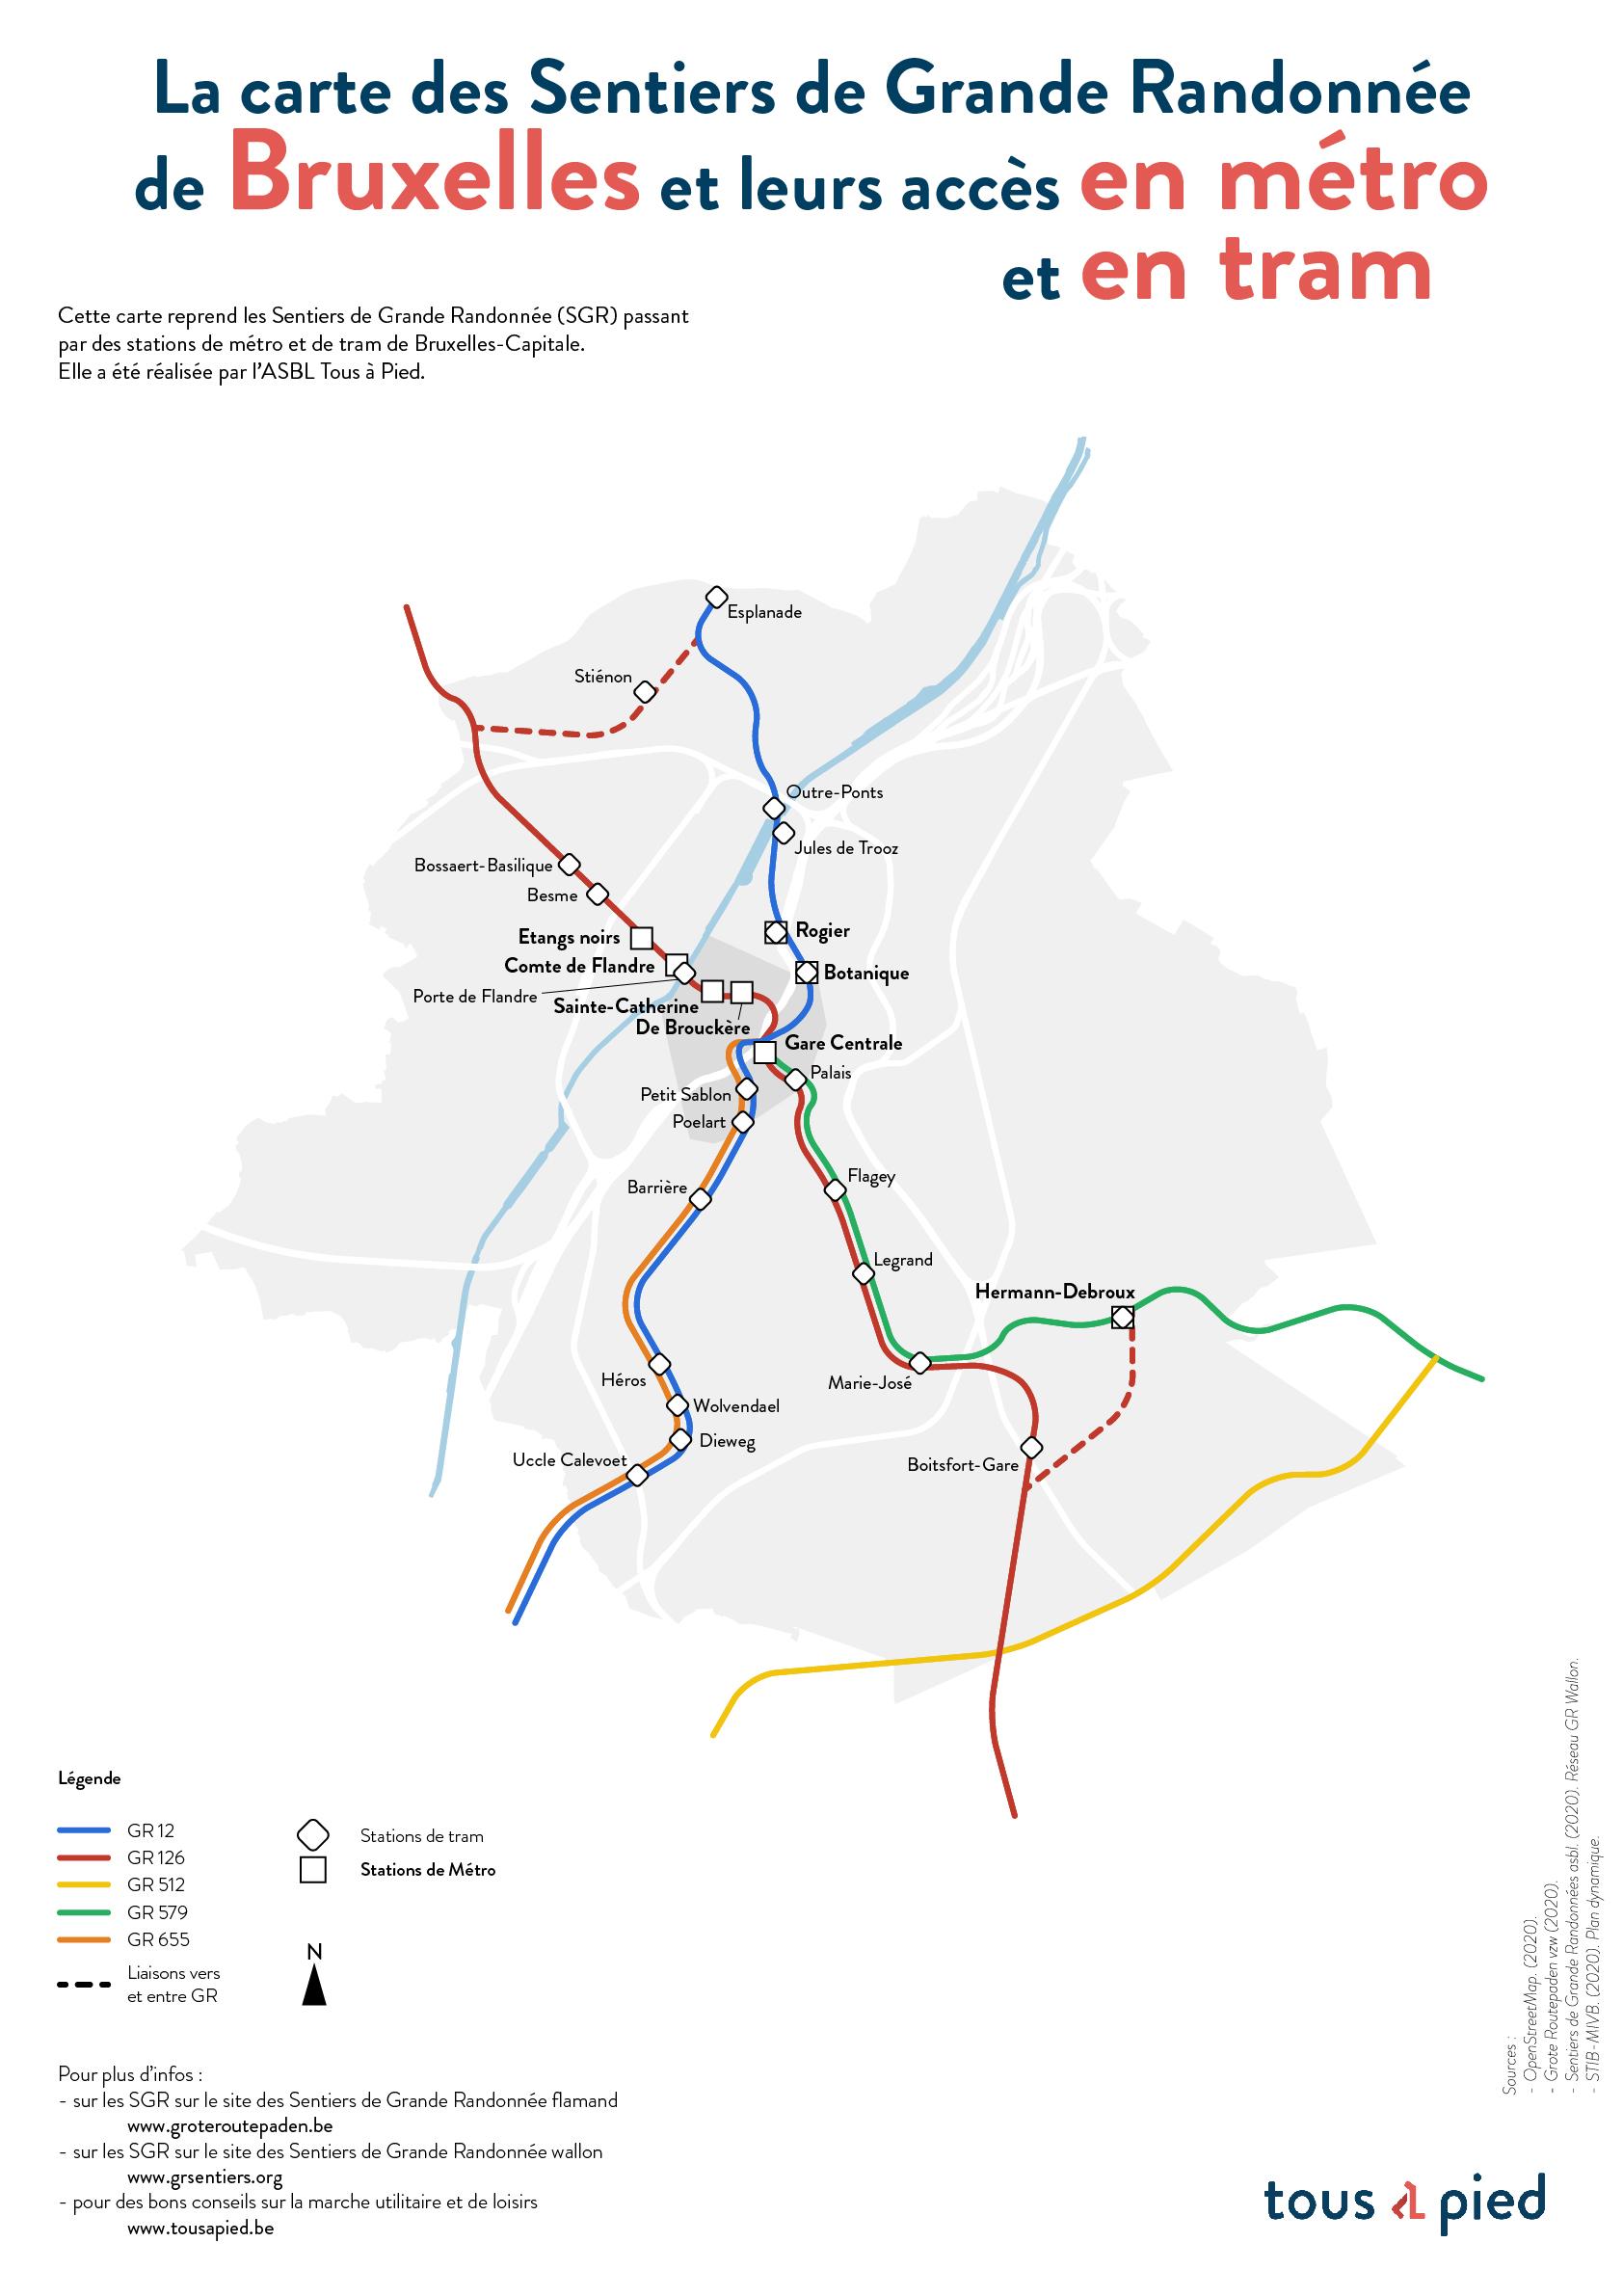 A3 - Bxl-Capitale - métro - FR